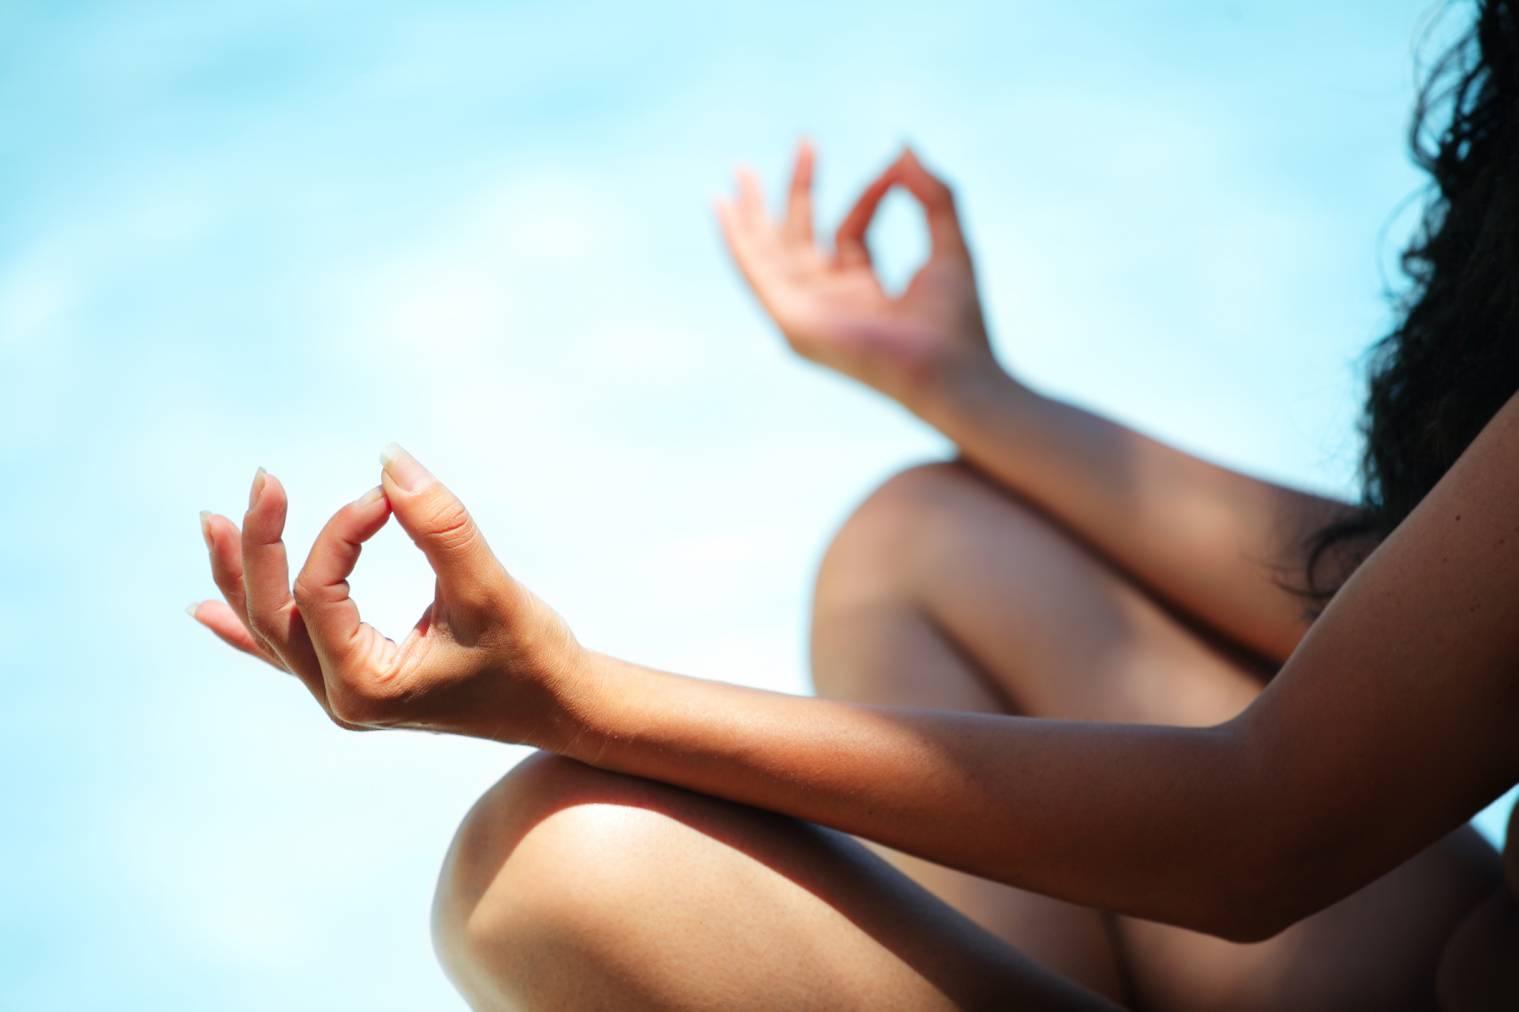 Yoga nu : Pourquoi faire son yoga nu ? Quels bienfaits ?